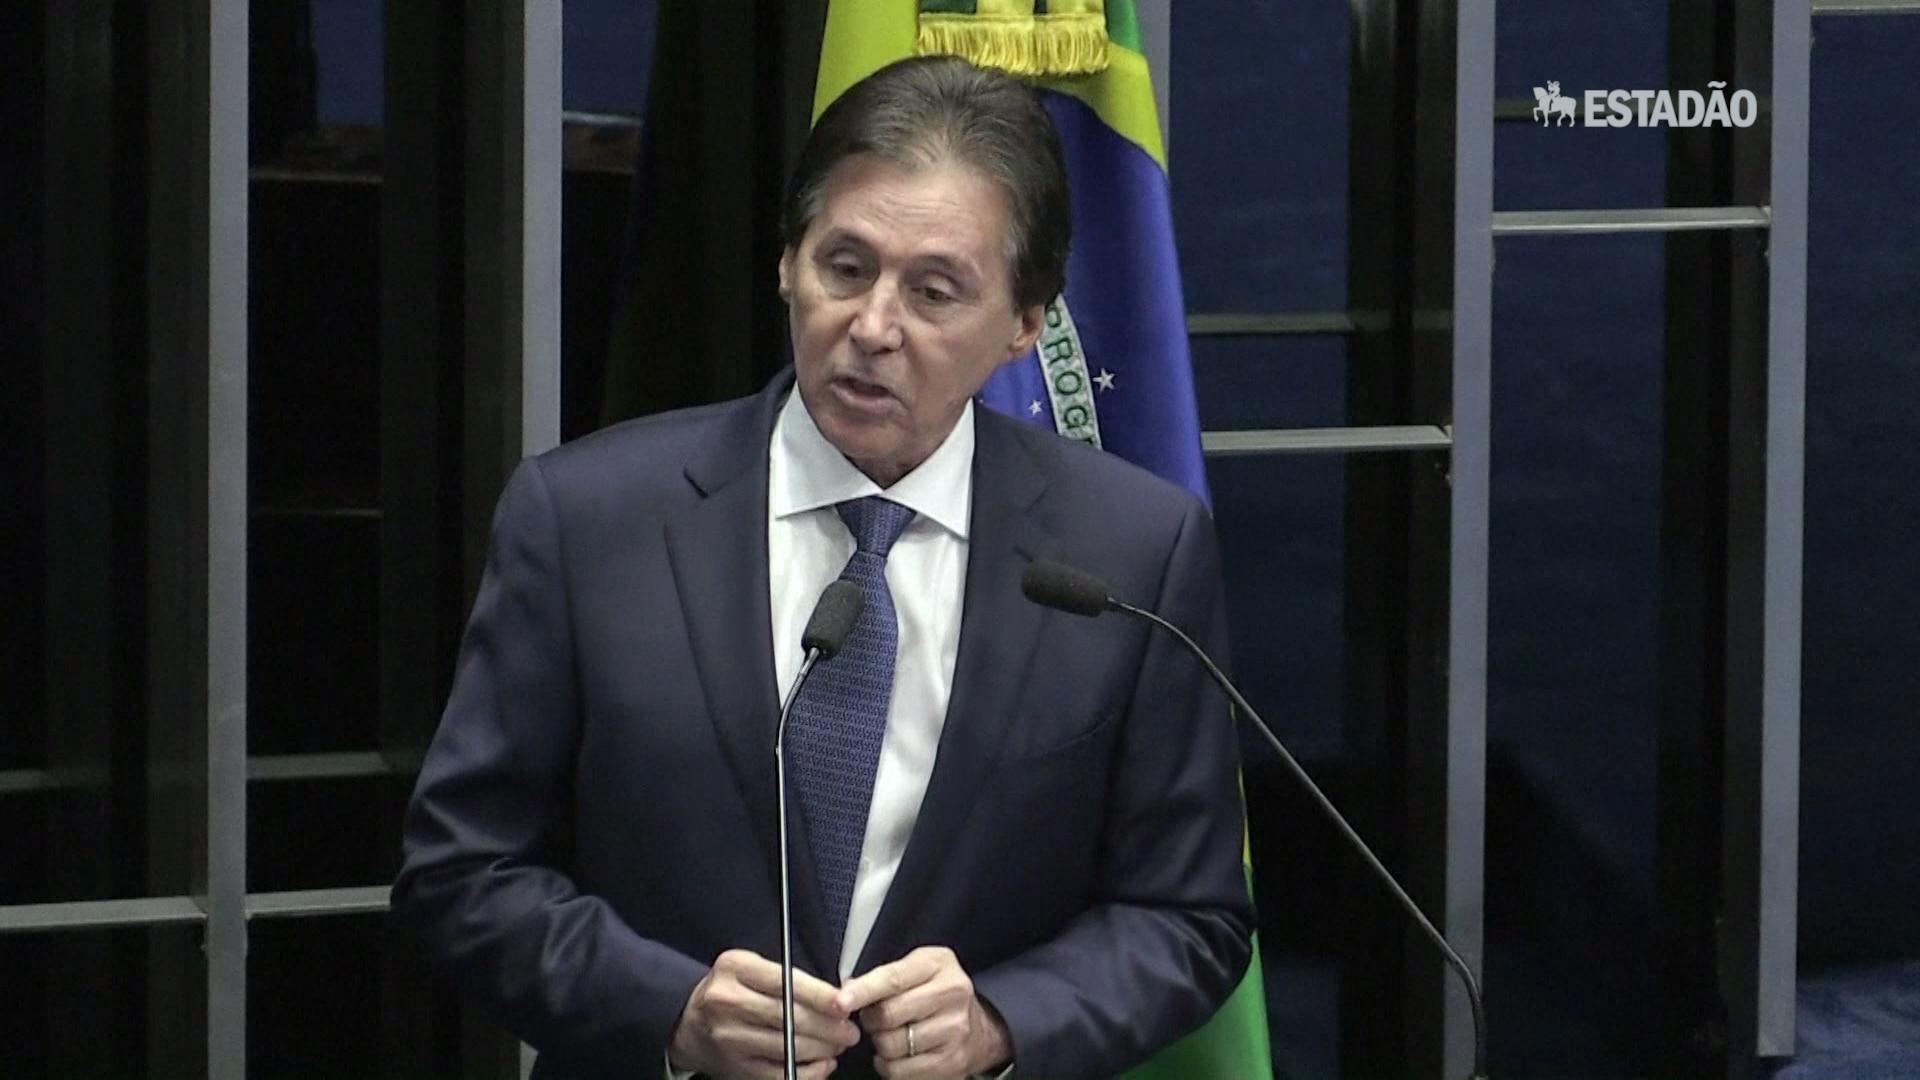 Eunício Oliveira: 'é hora de unir e não de dividir'